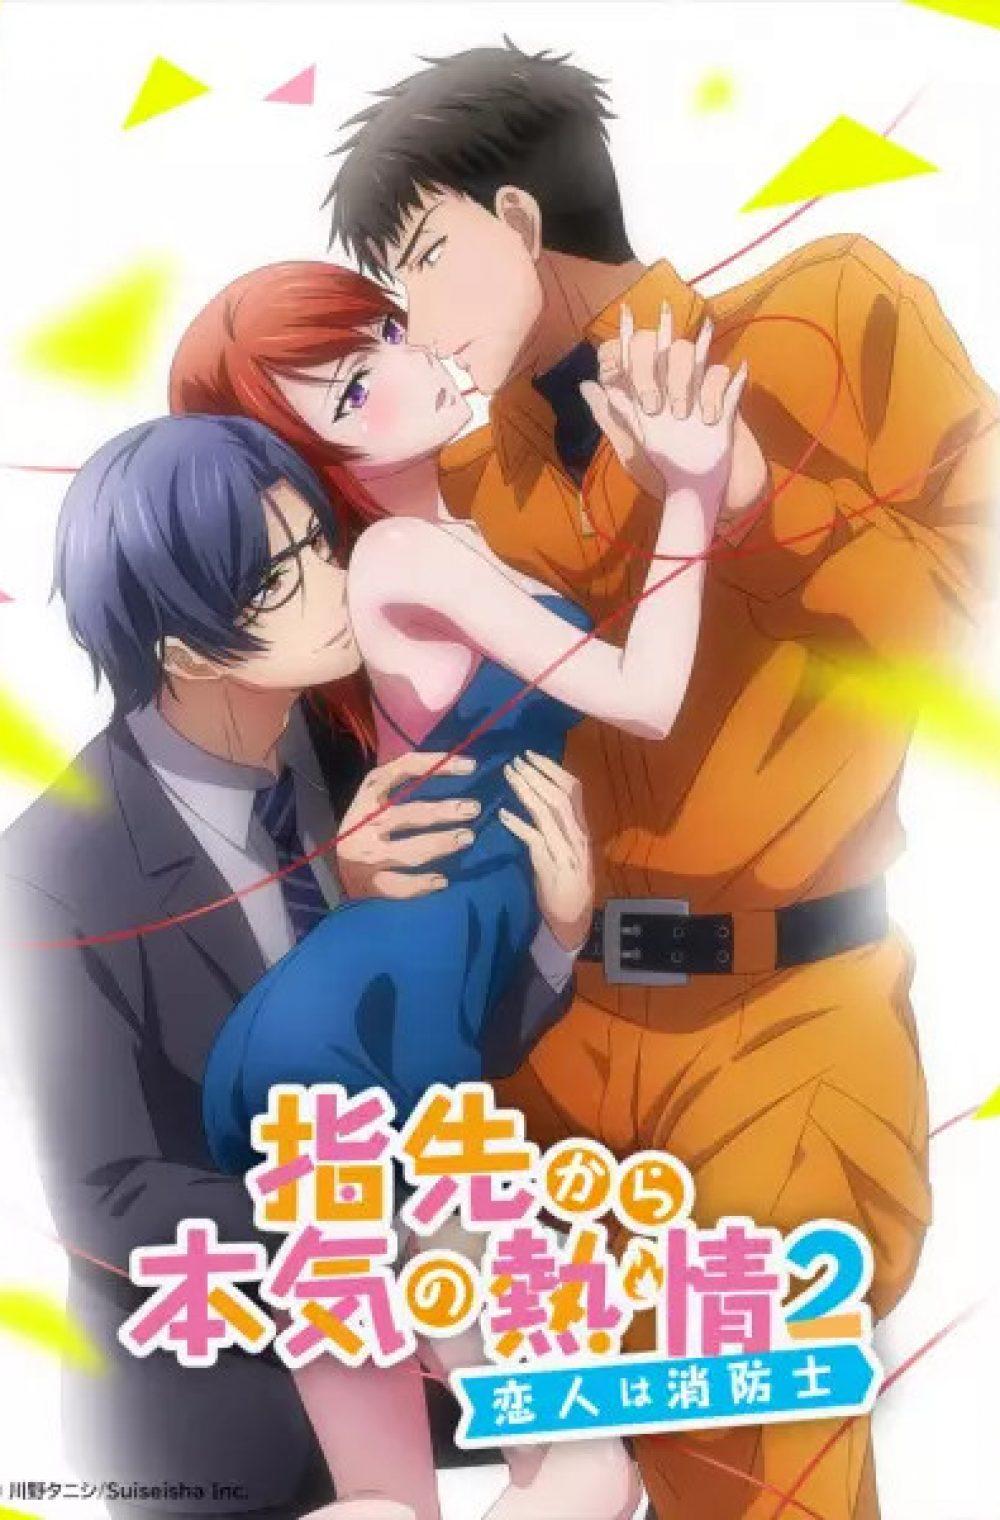 (UNCENSORED) Yubisaki kara Honki no Netsujou Season 2: Koibito wa Shouboushi